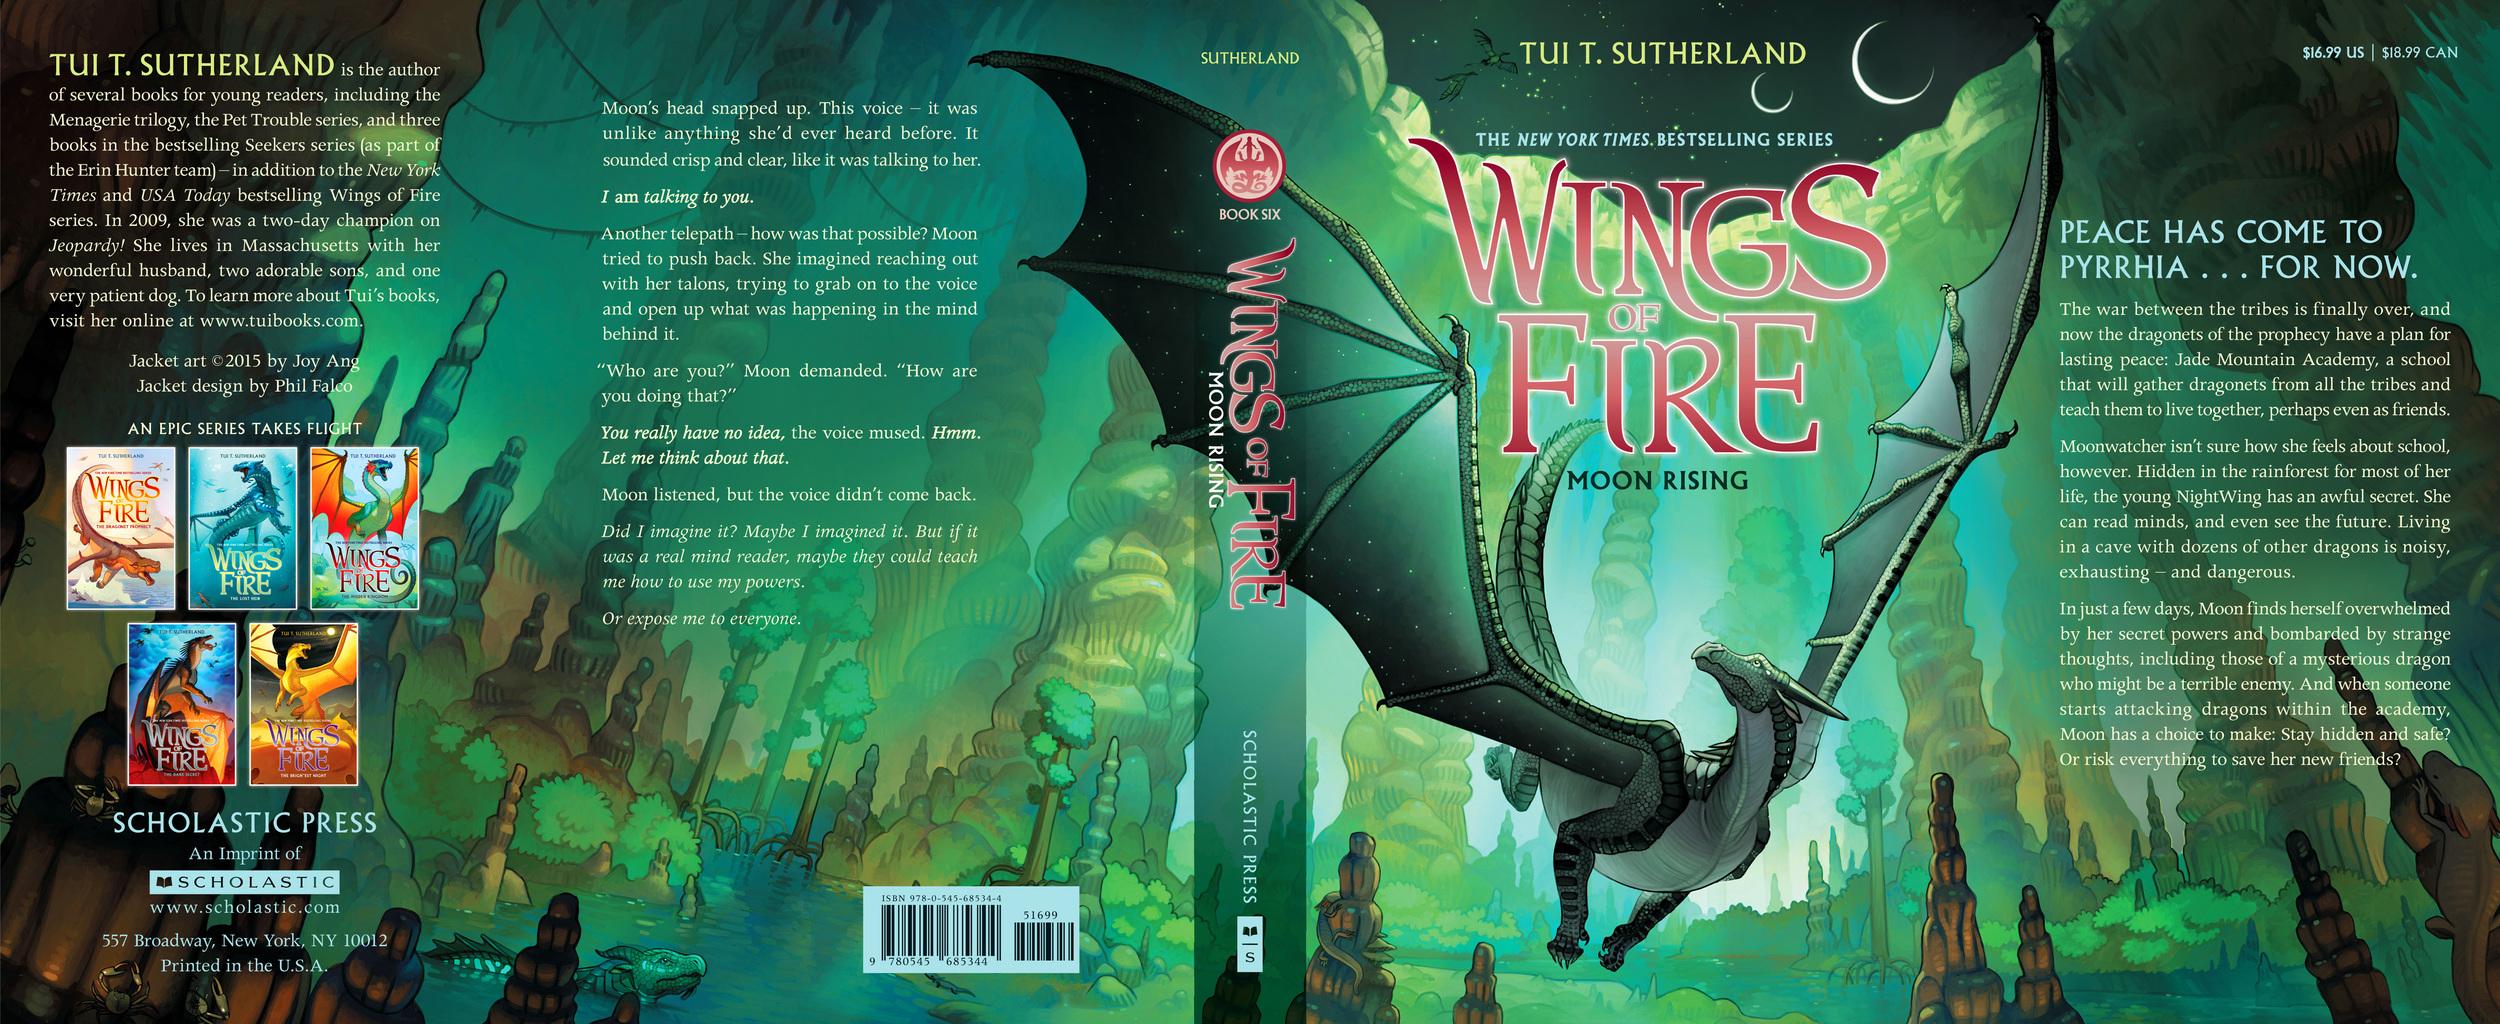 HC Wings of Fire 06 - JACKET.jpg